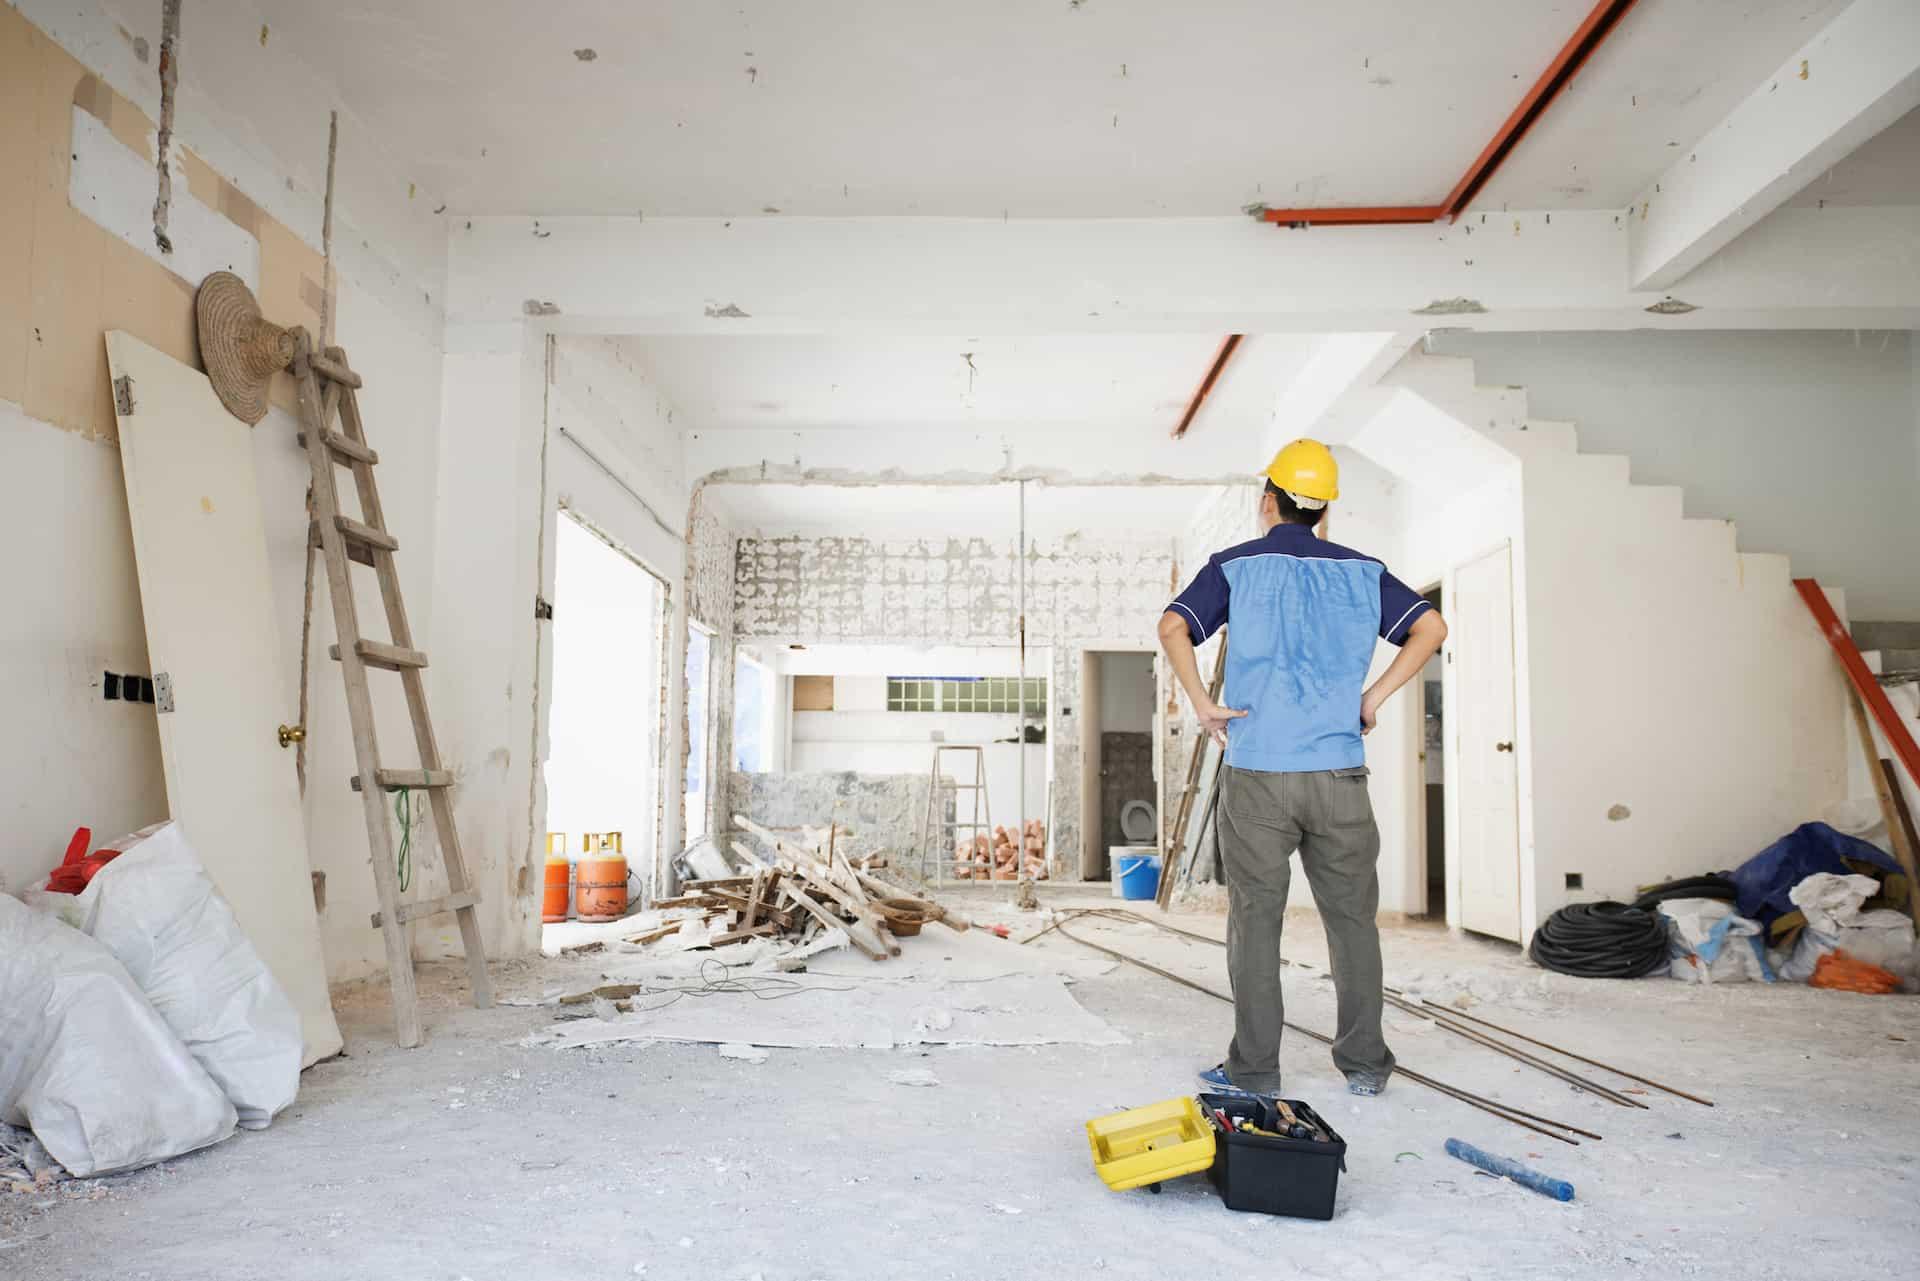 Mann auf einer Baustelle